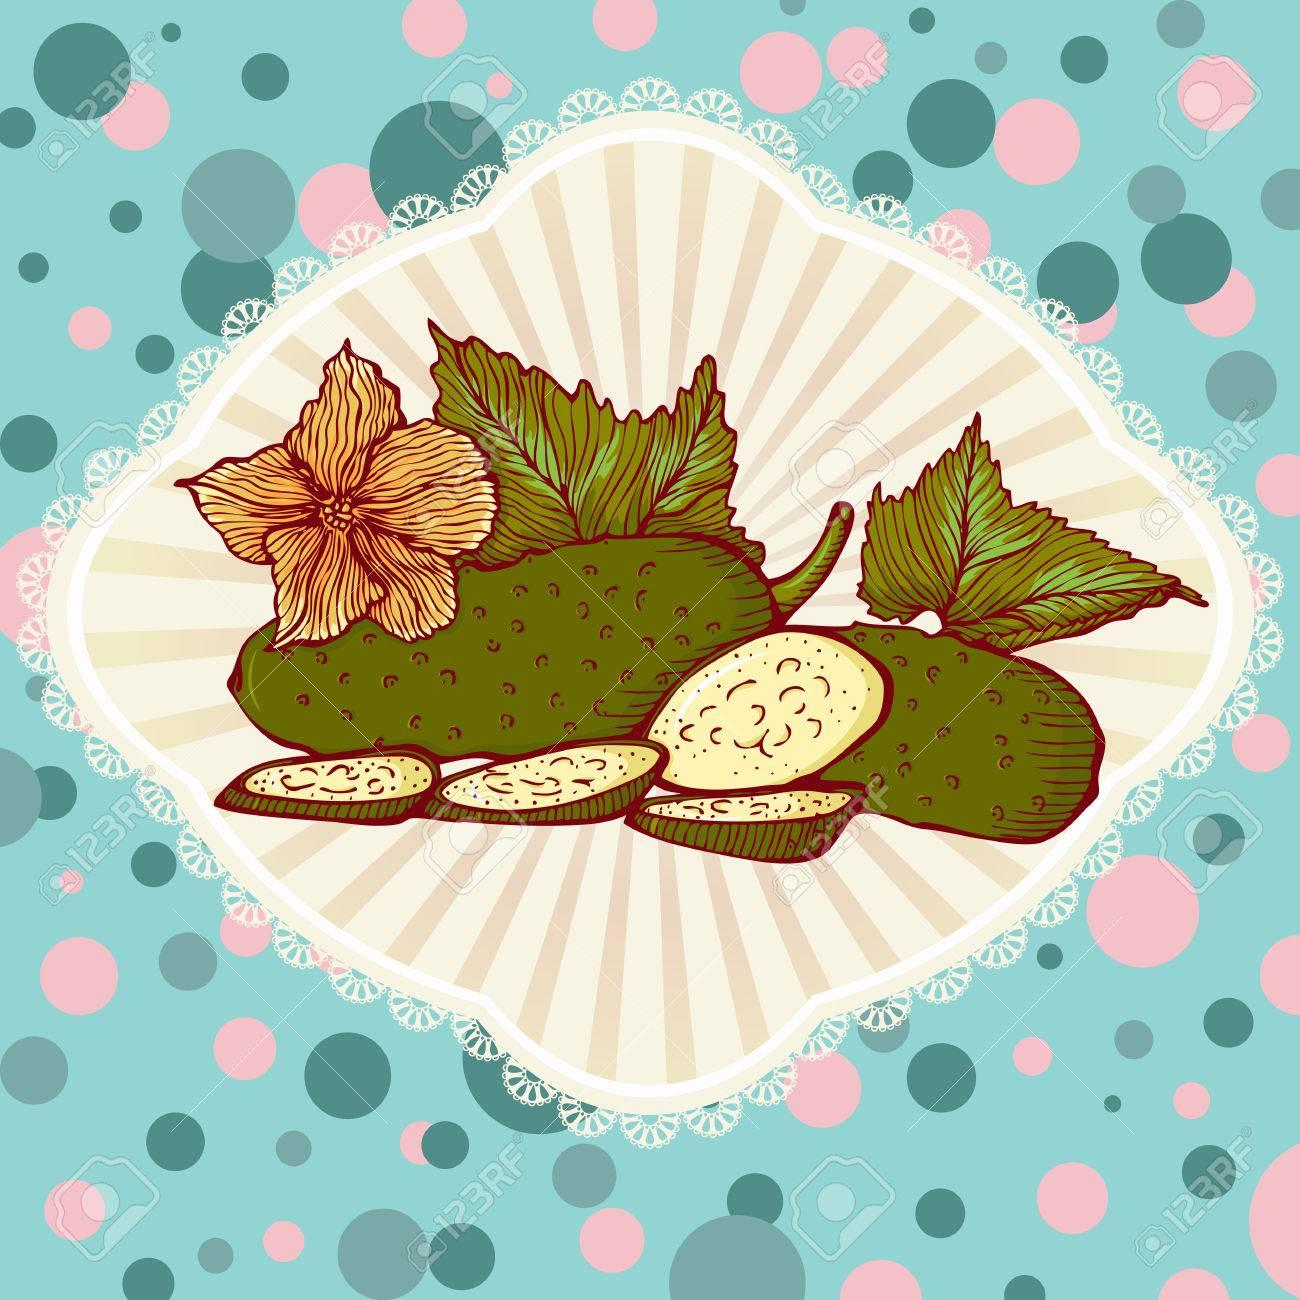 Pepinos Verdes Frescas Con Las Hojas. Ilustración De Estilo Retro ...